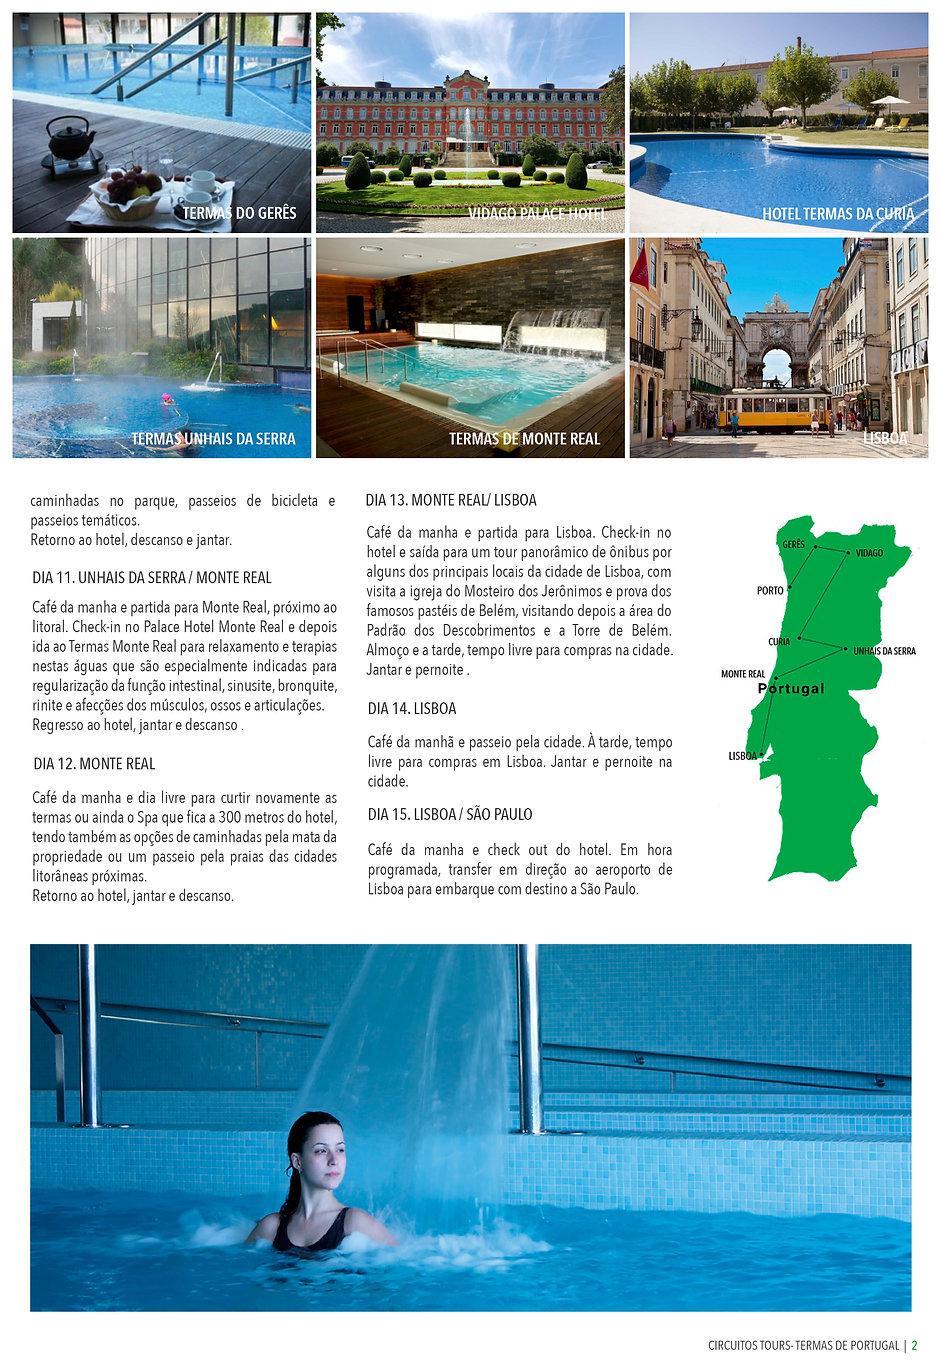 Roteiro Termas pagina 2.jpg